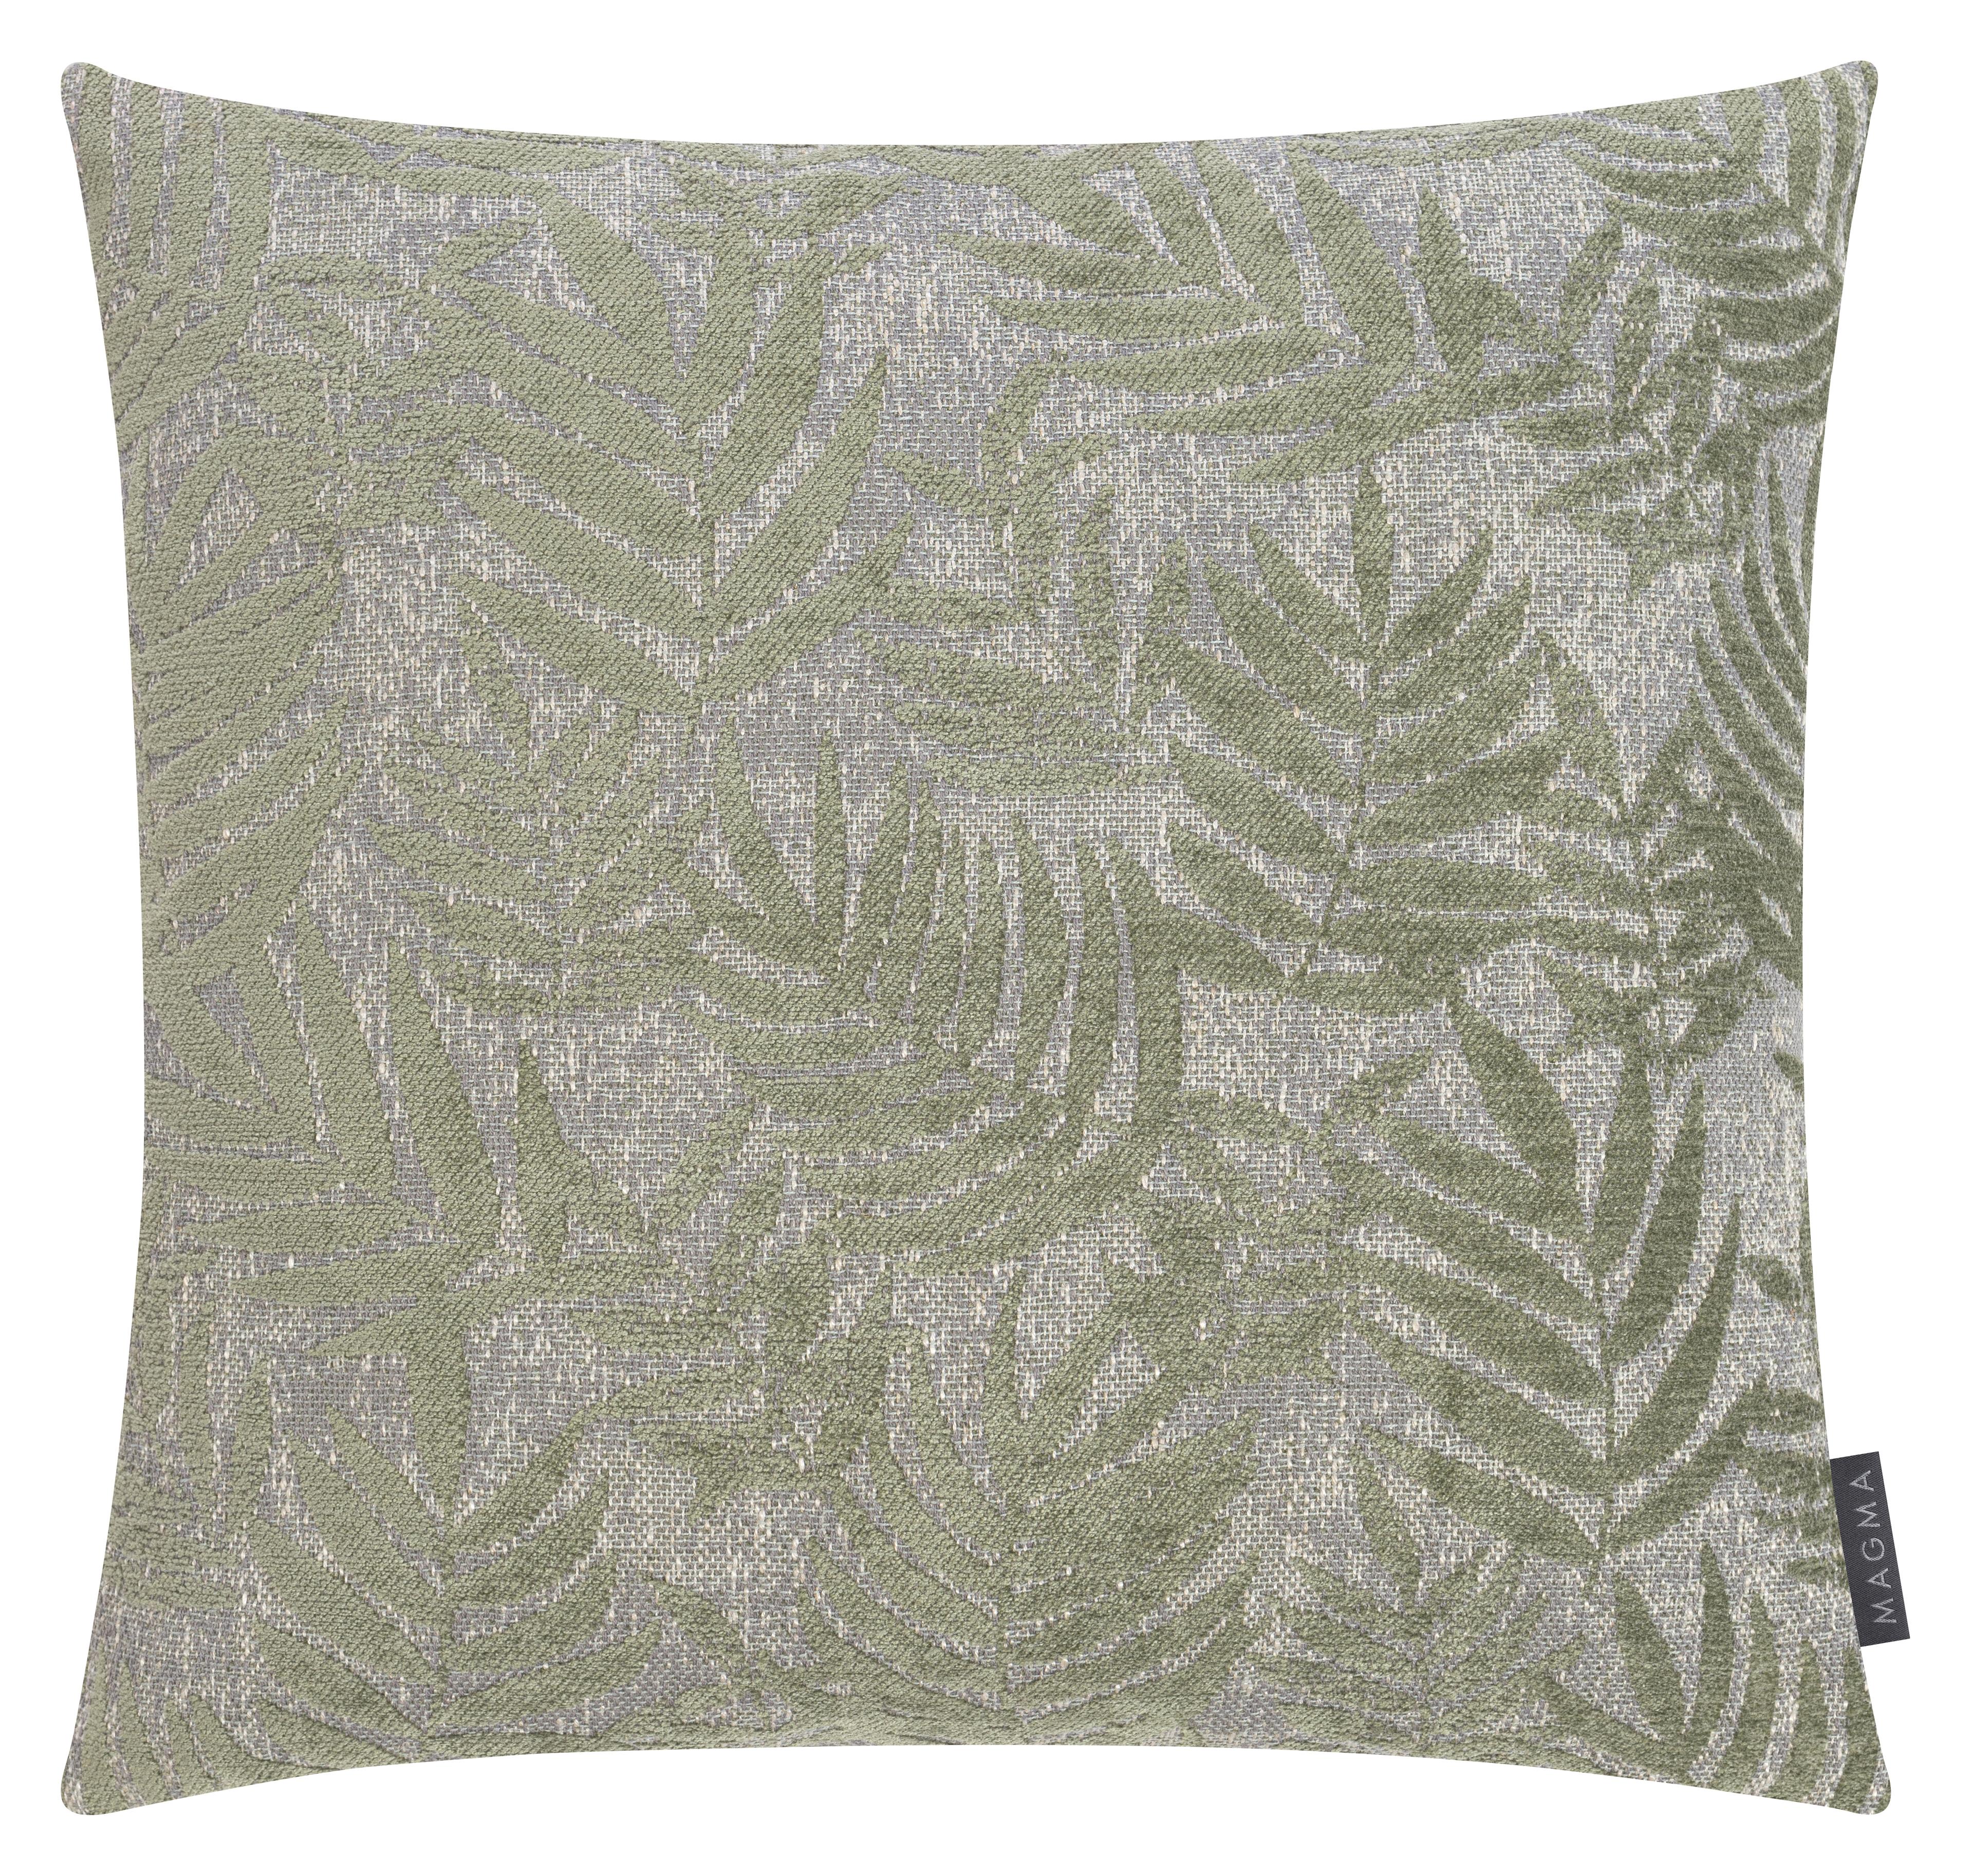 Housses de coussin jacquard velours motif palme vert 40x40 - Lot de 2